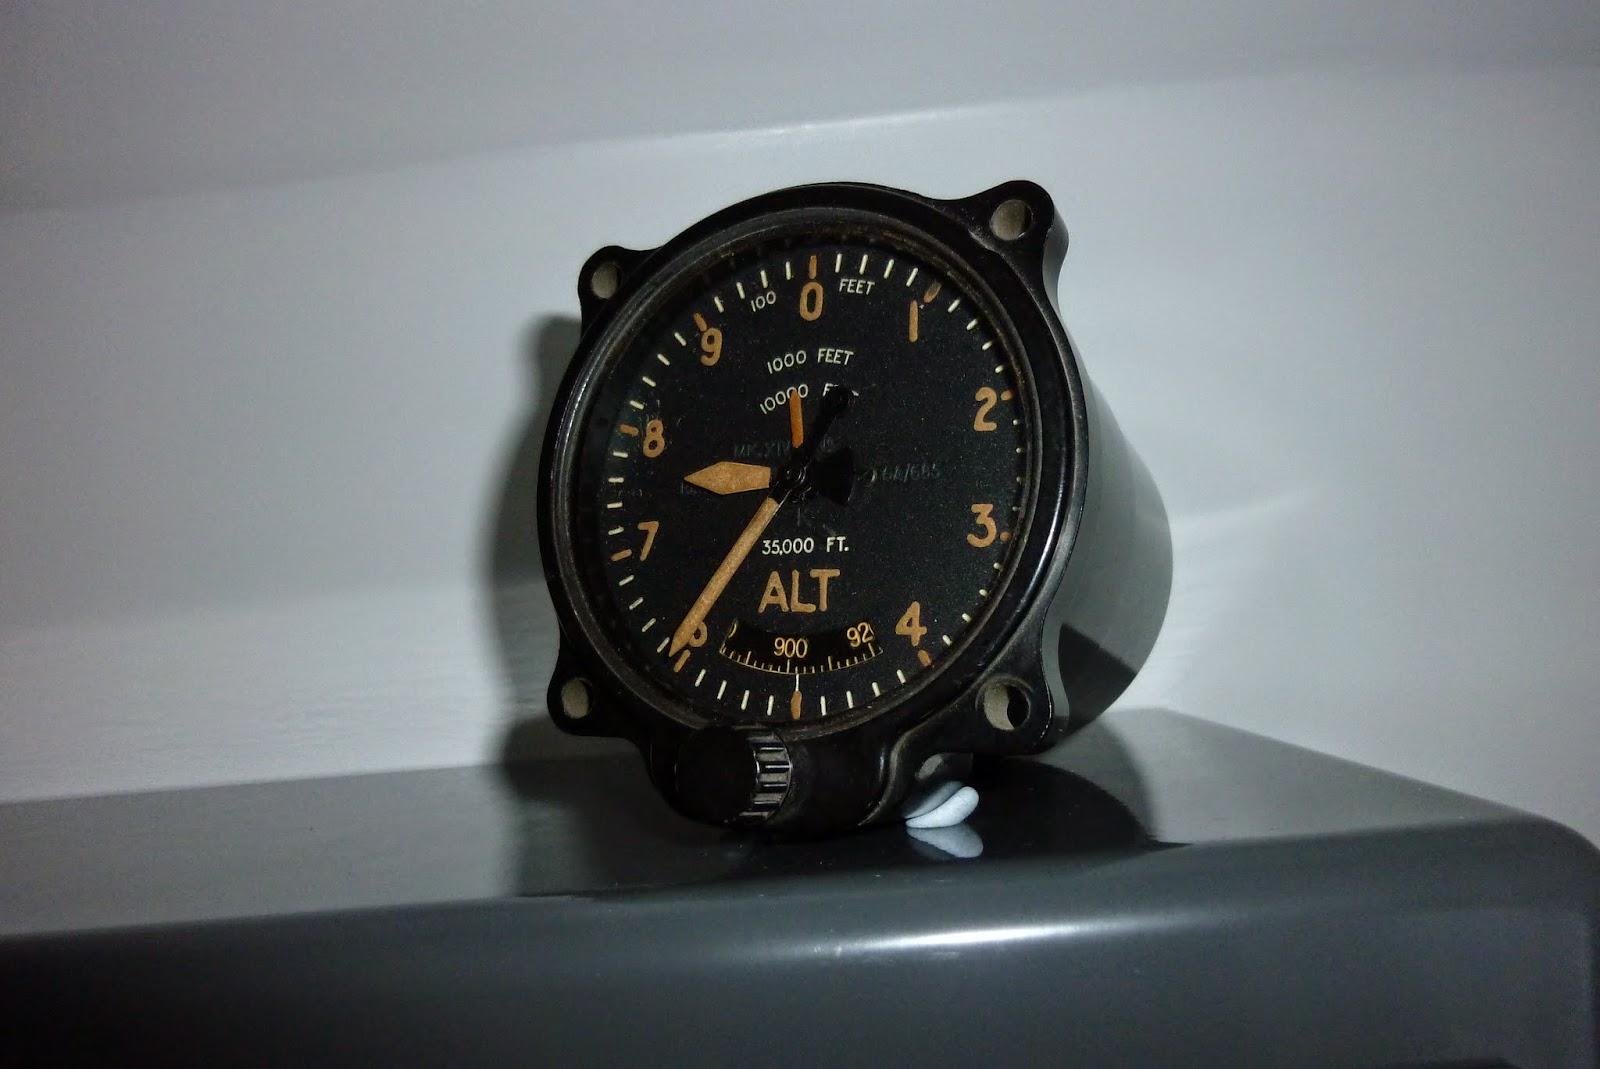 Vintage Altimeter